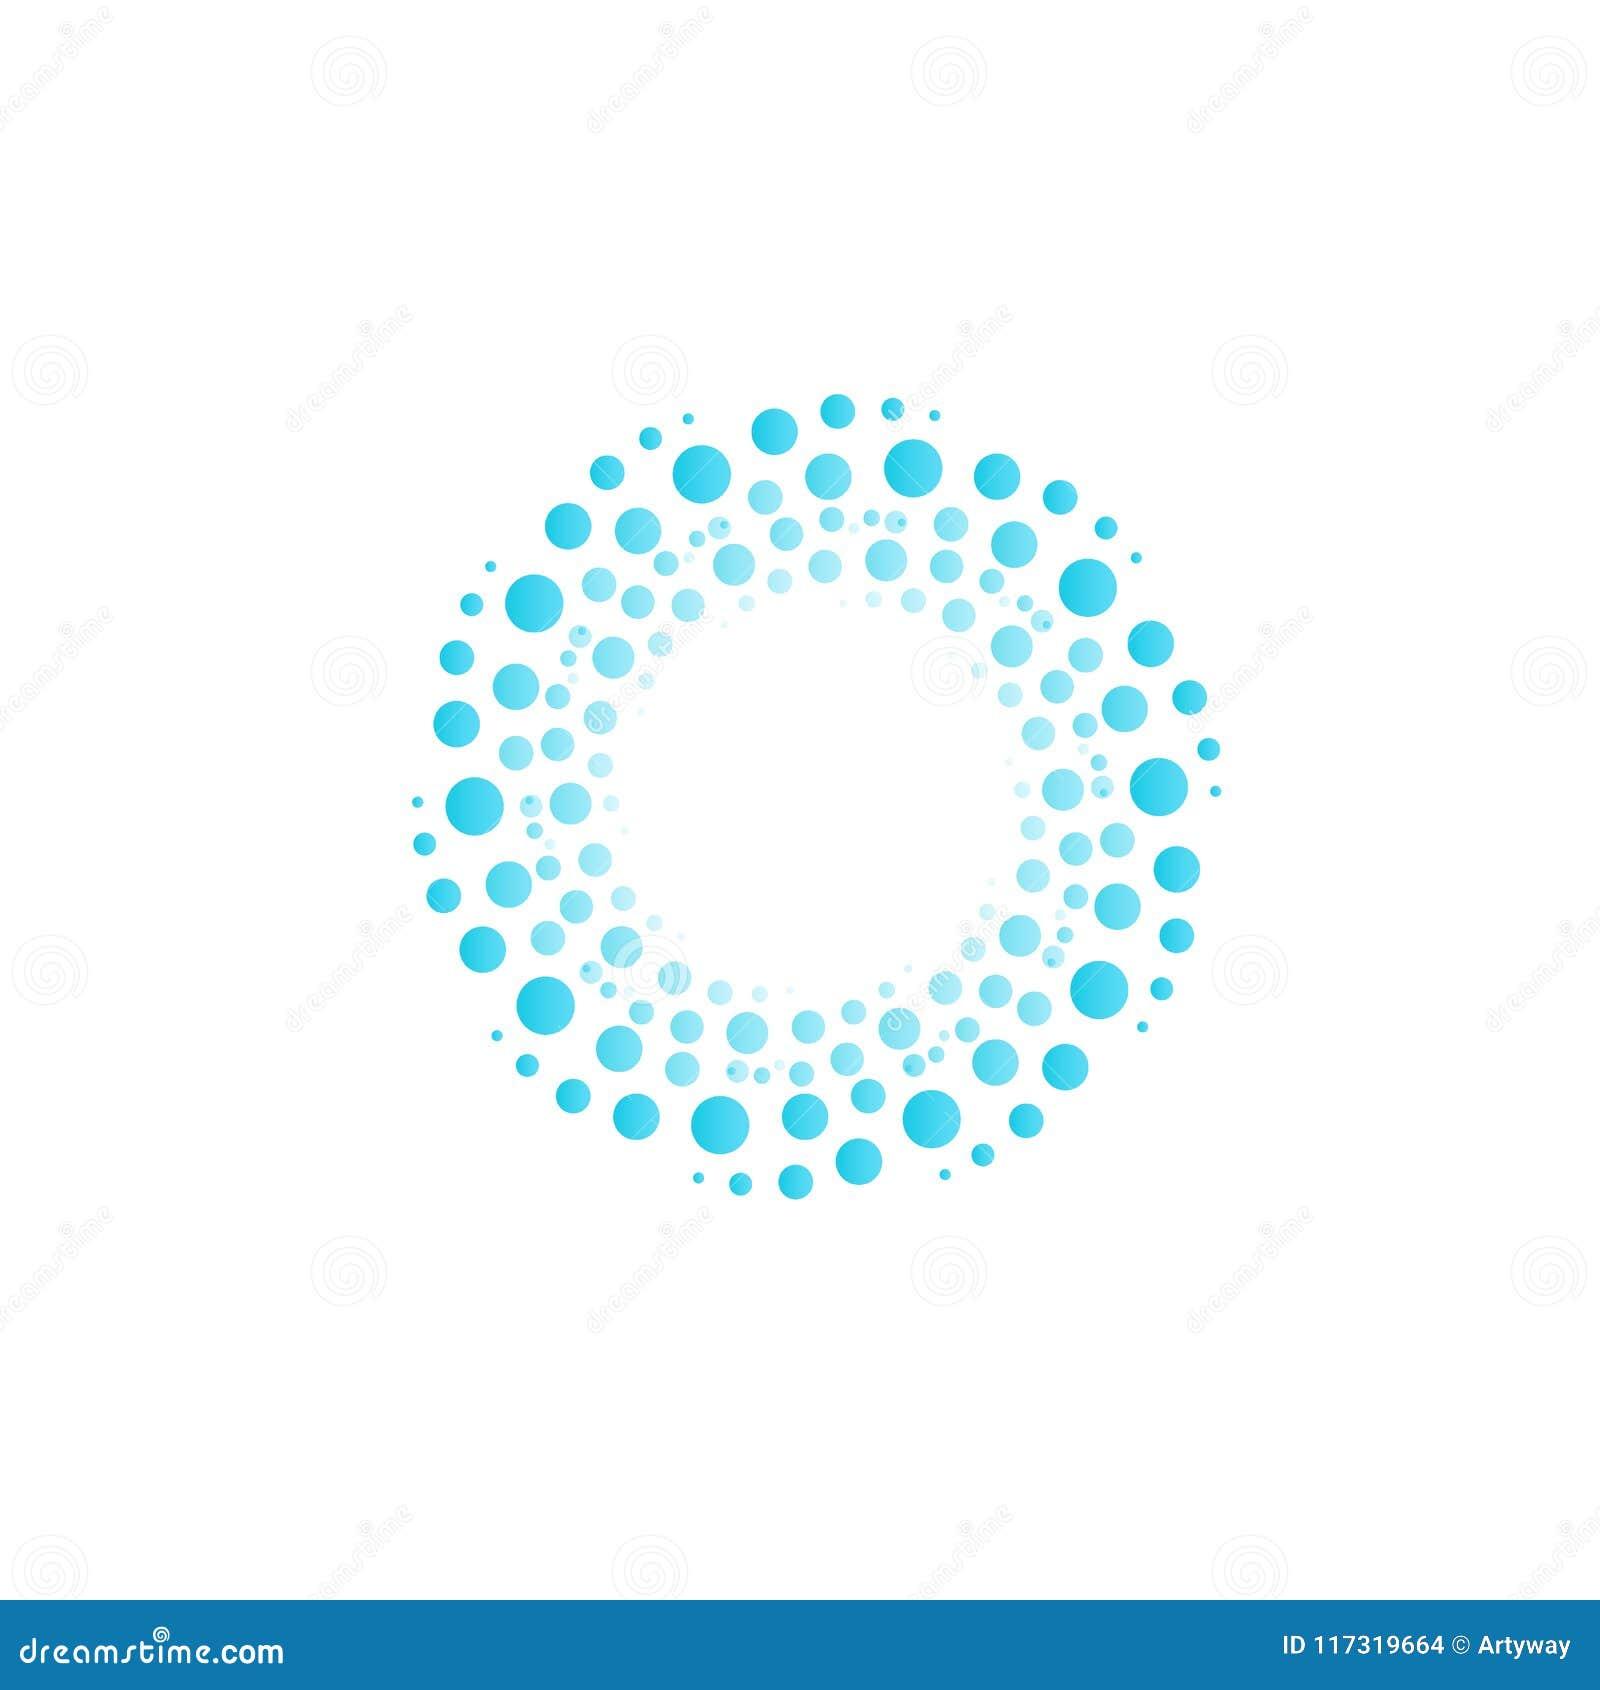 Waterdraaikolk van blauwe cirkels, bellen, dalingen Abstract cirkel vectorembleem